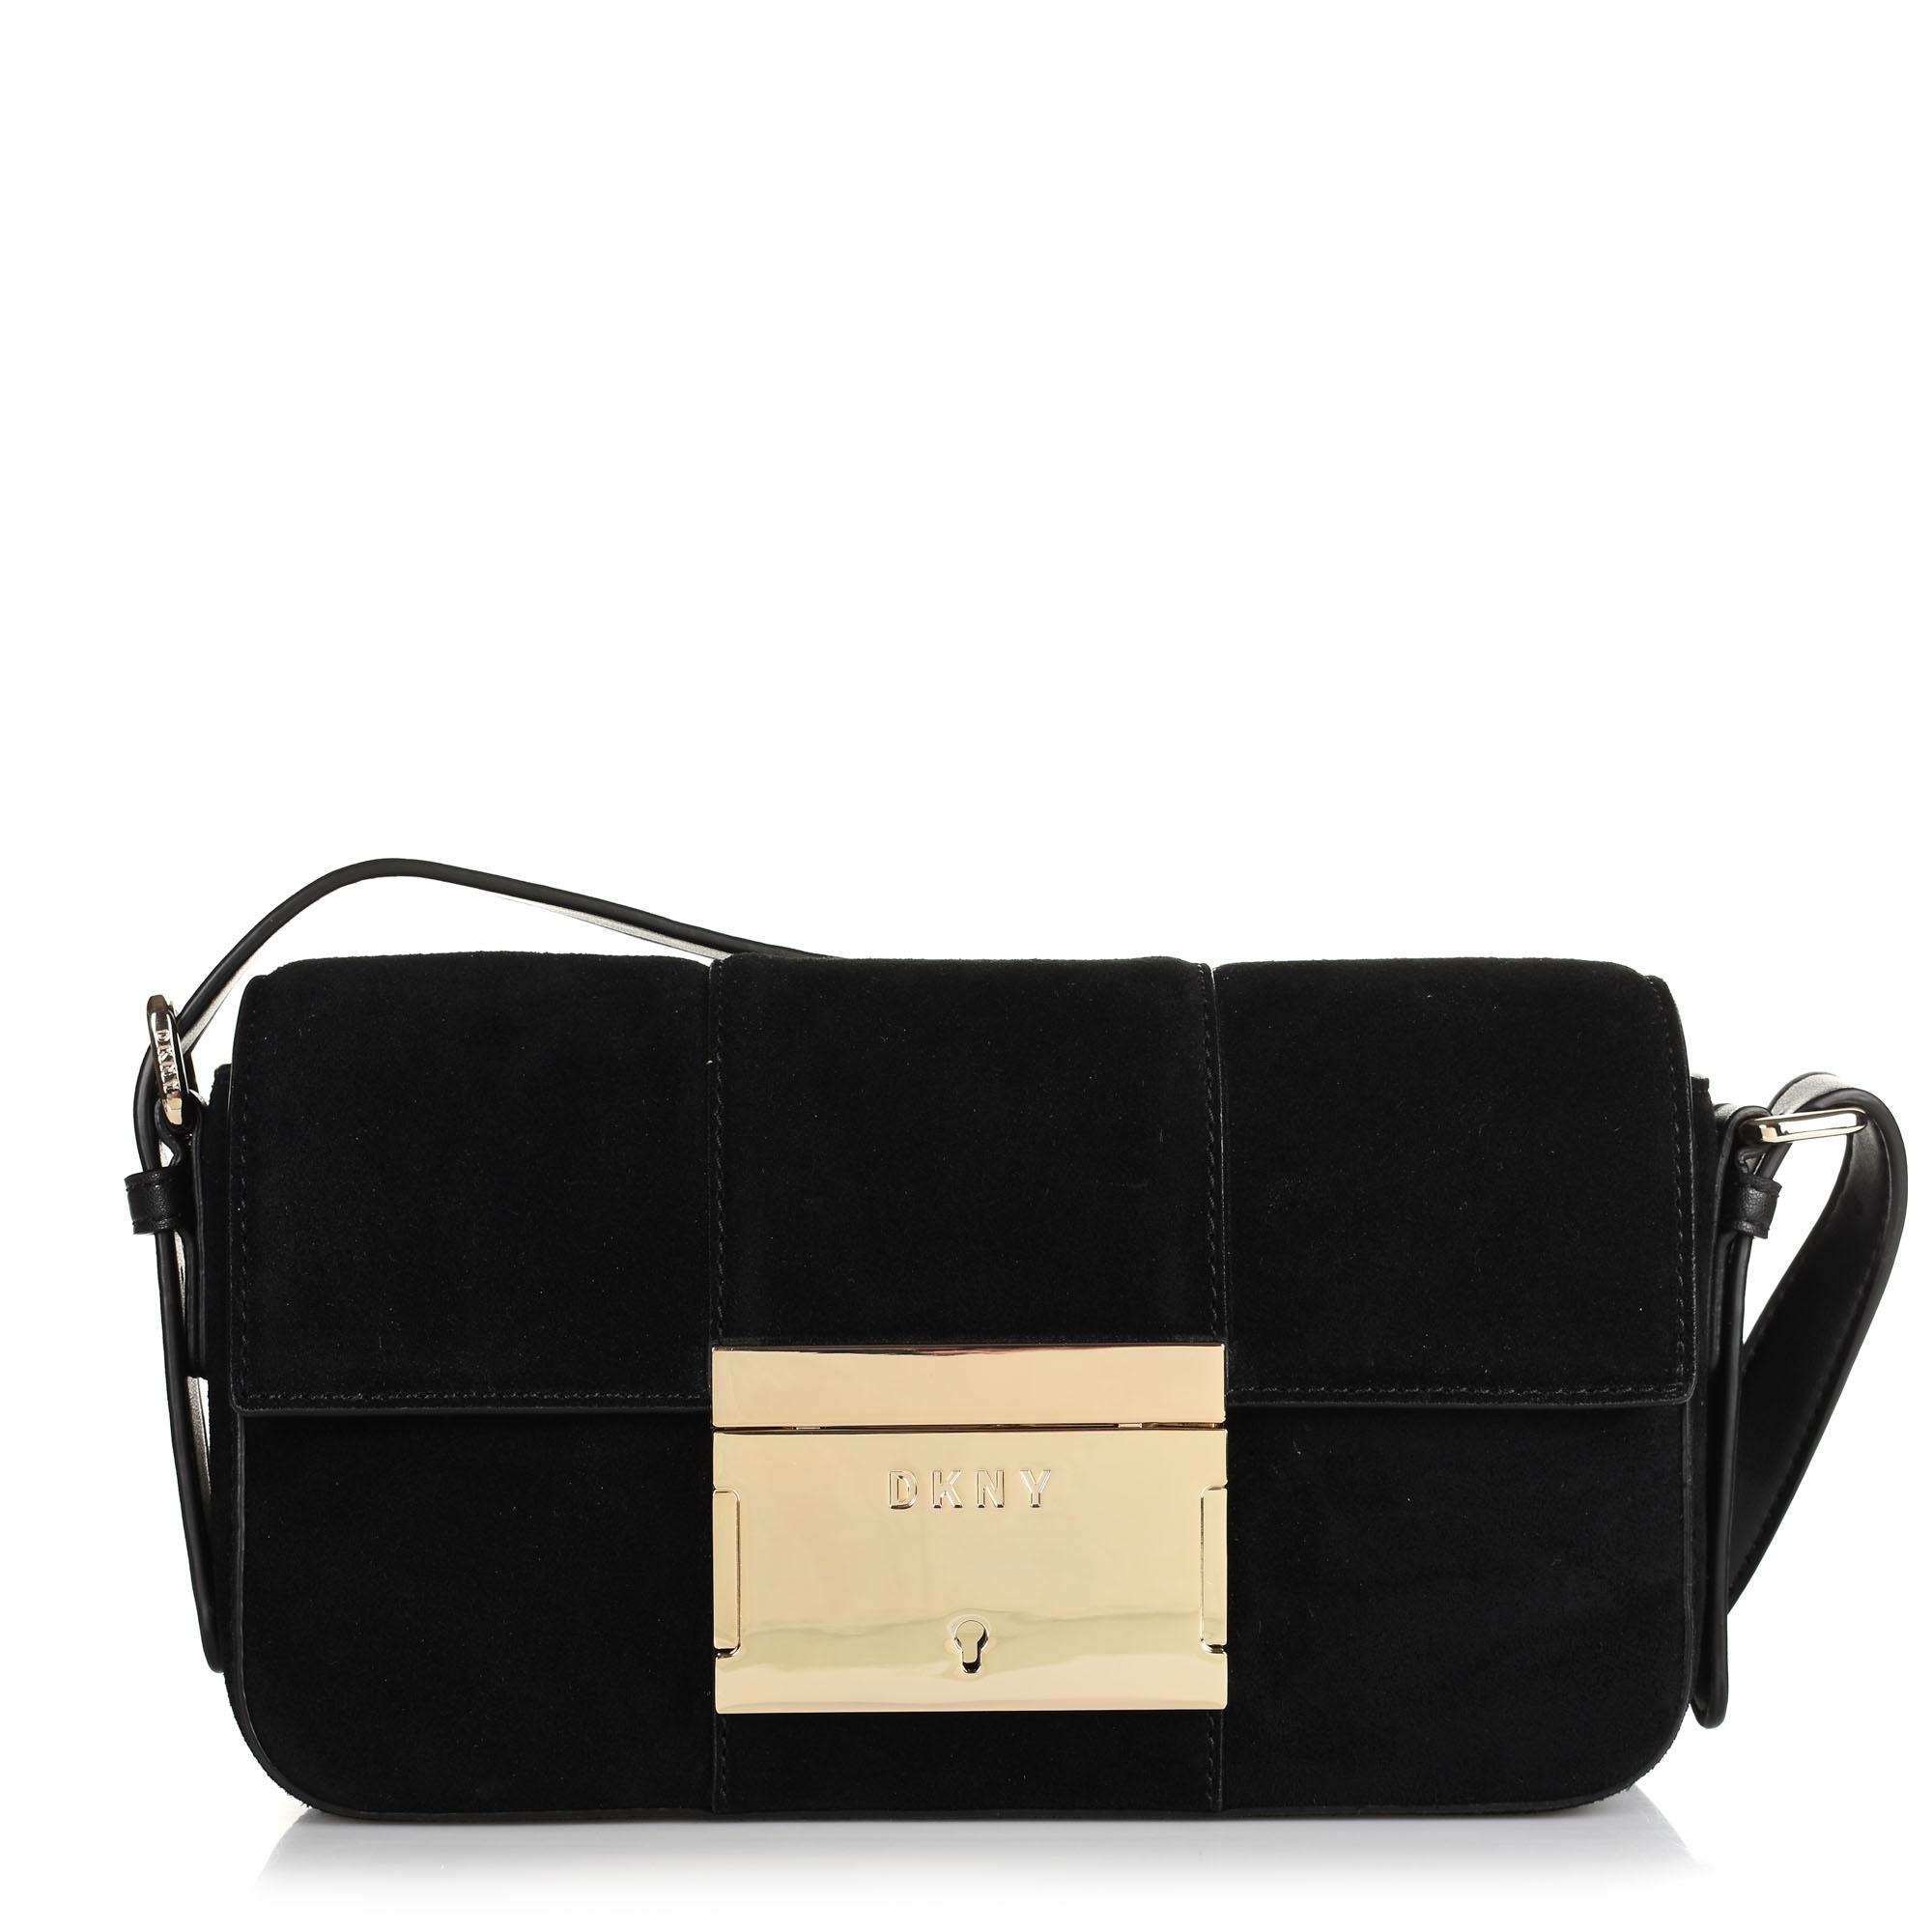 Δερμάτινη Τσάντα Ώμου DKNY Adam R93HMD56